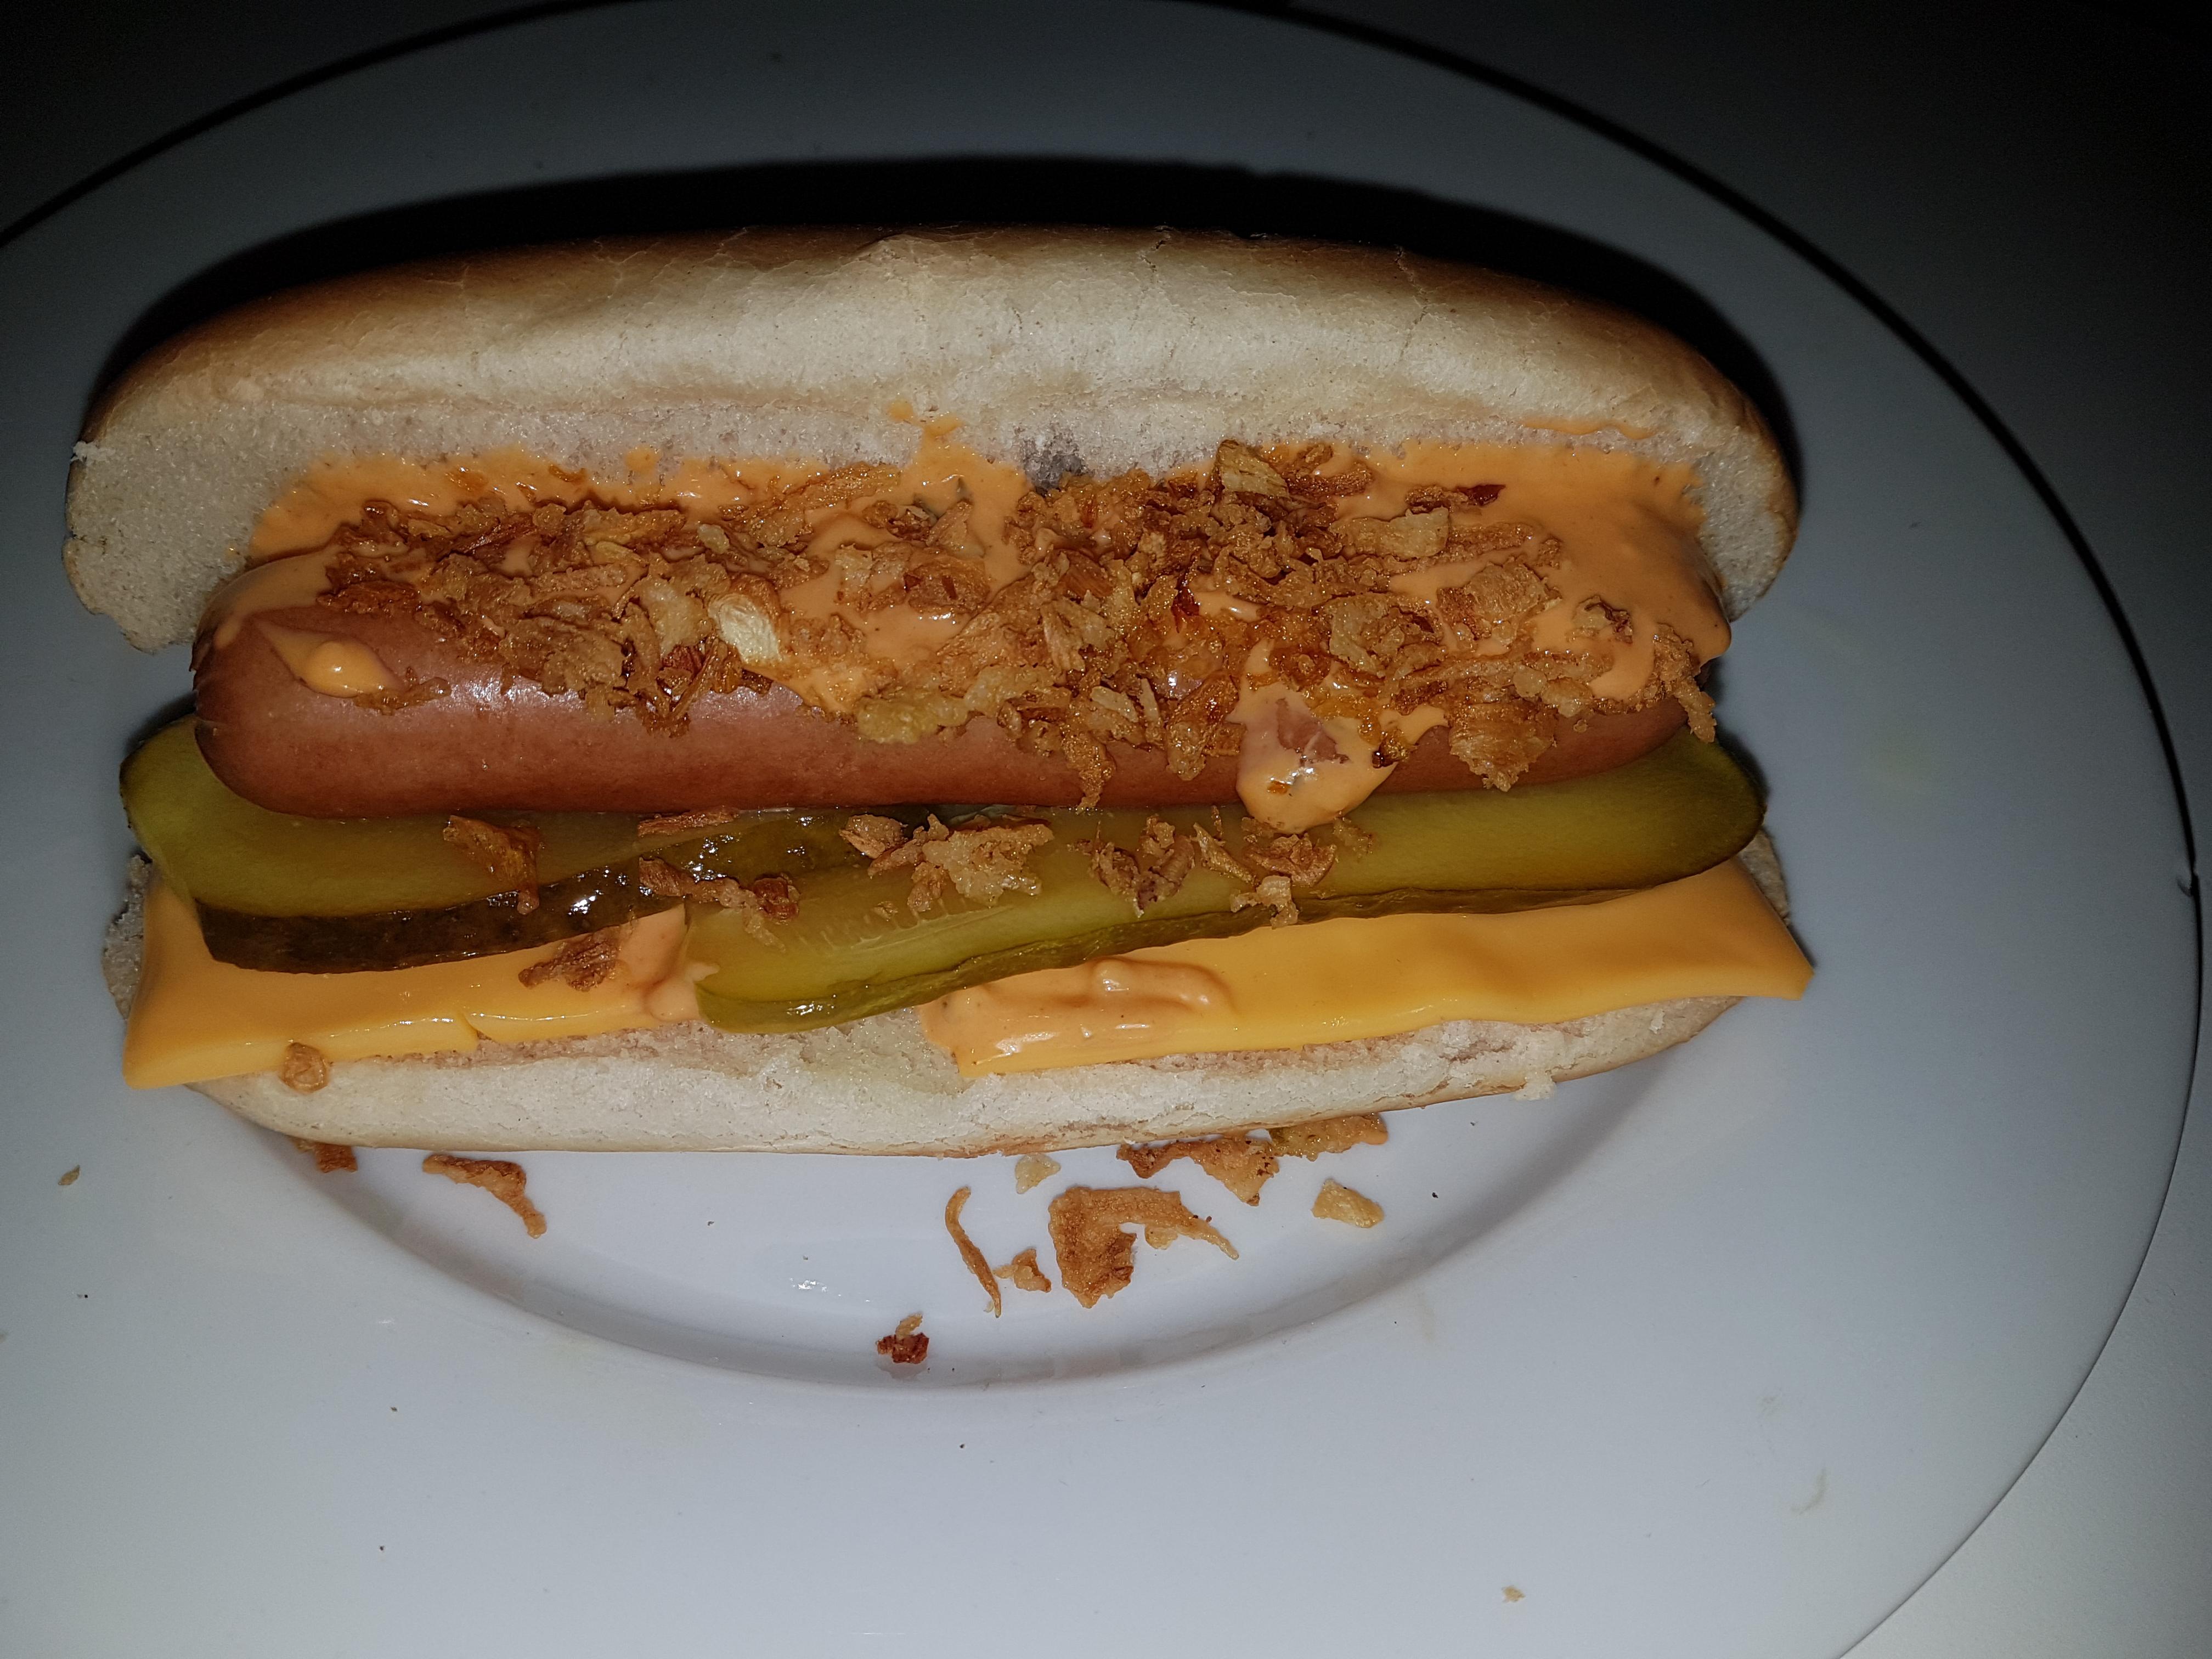 http://foodloader.net/Holz_2018-05-05_Hot-Dog.jpg